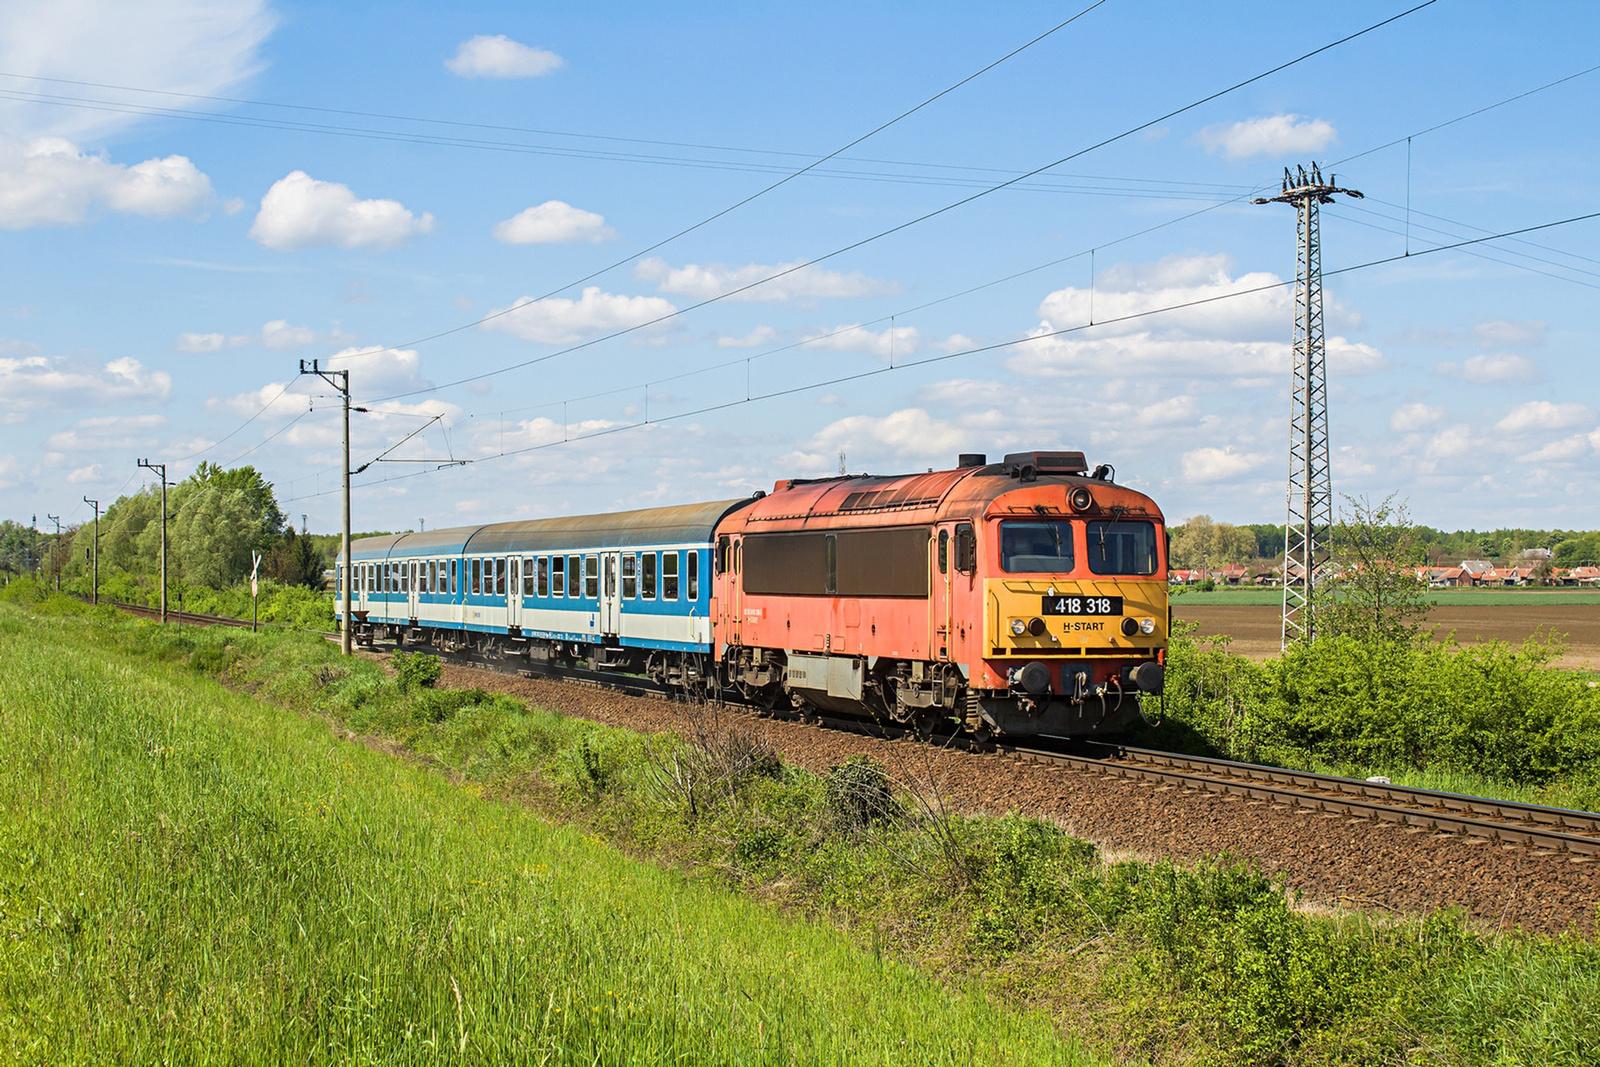 418 318 Murakeresztúr (2021.05.08).02